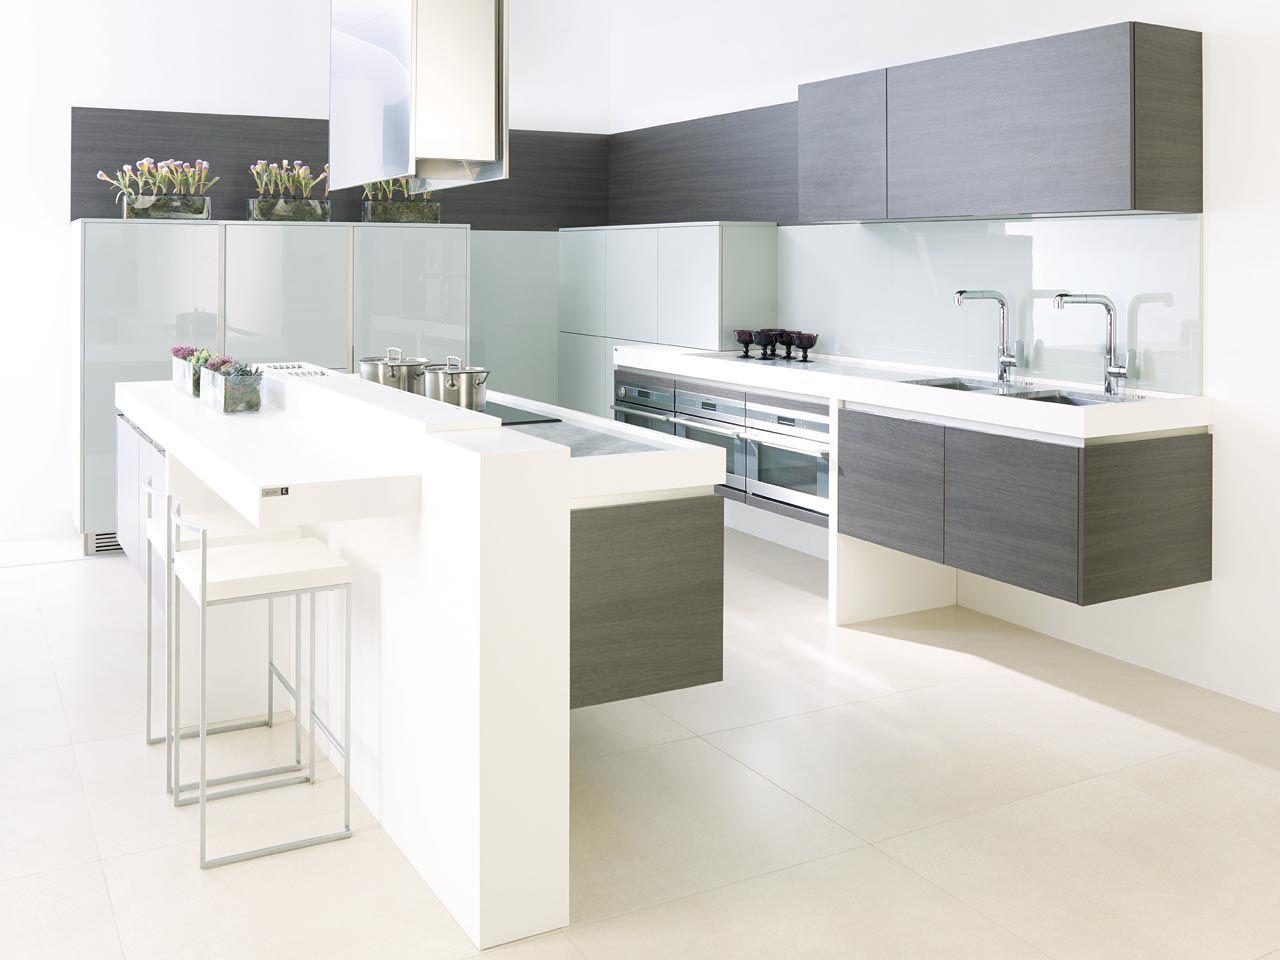 G100 roble ahumado g500 gris ceniza brillo interiors - Cocina roble ...